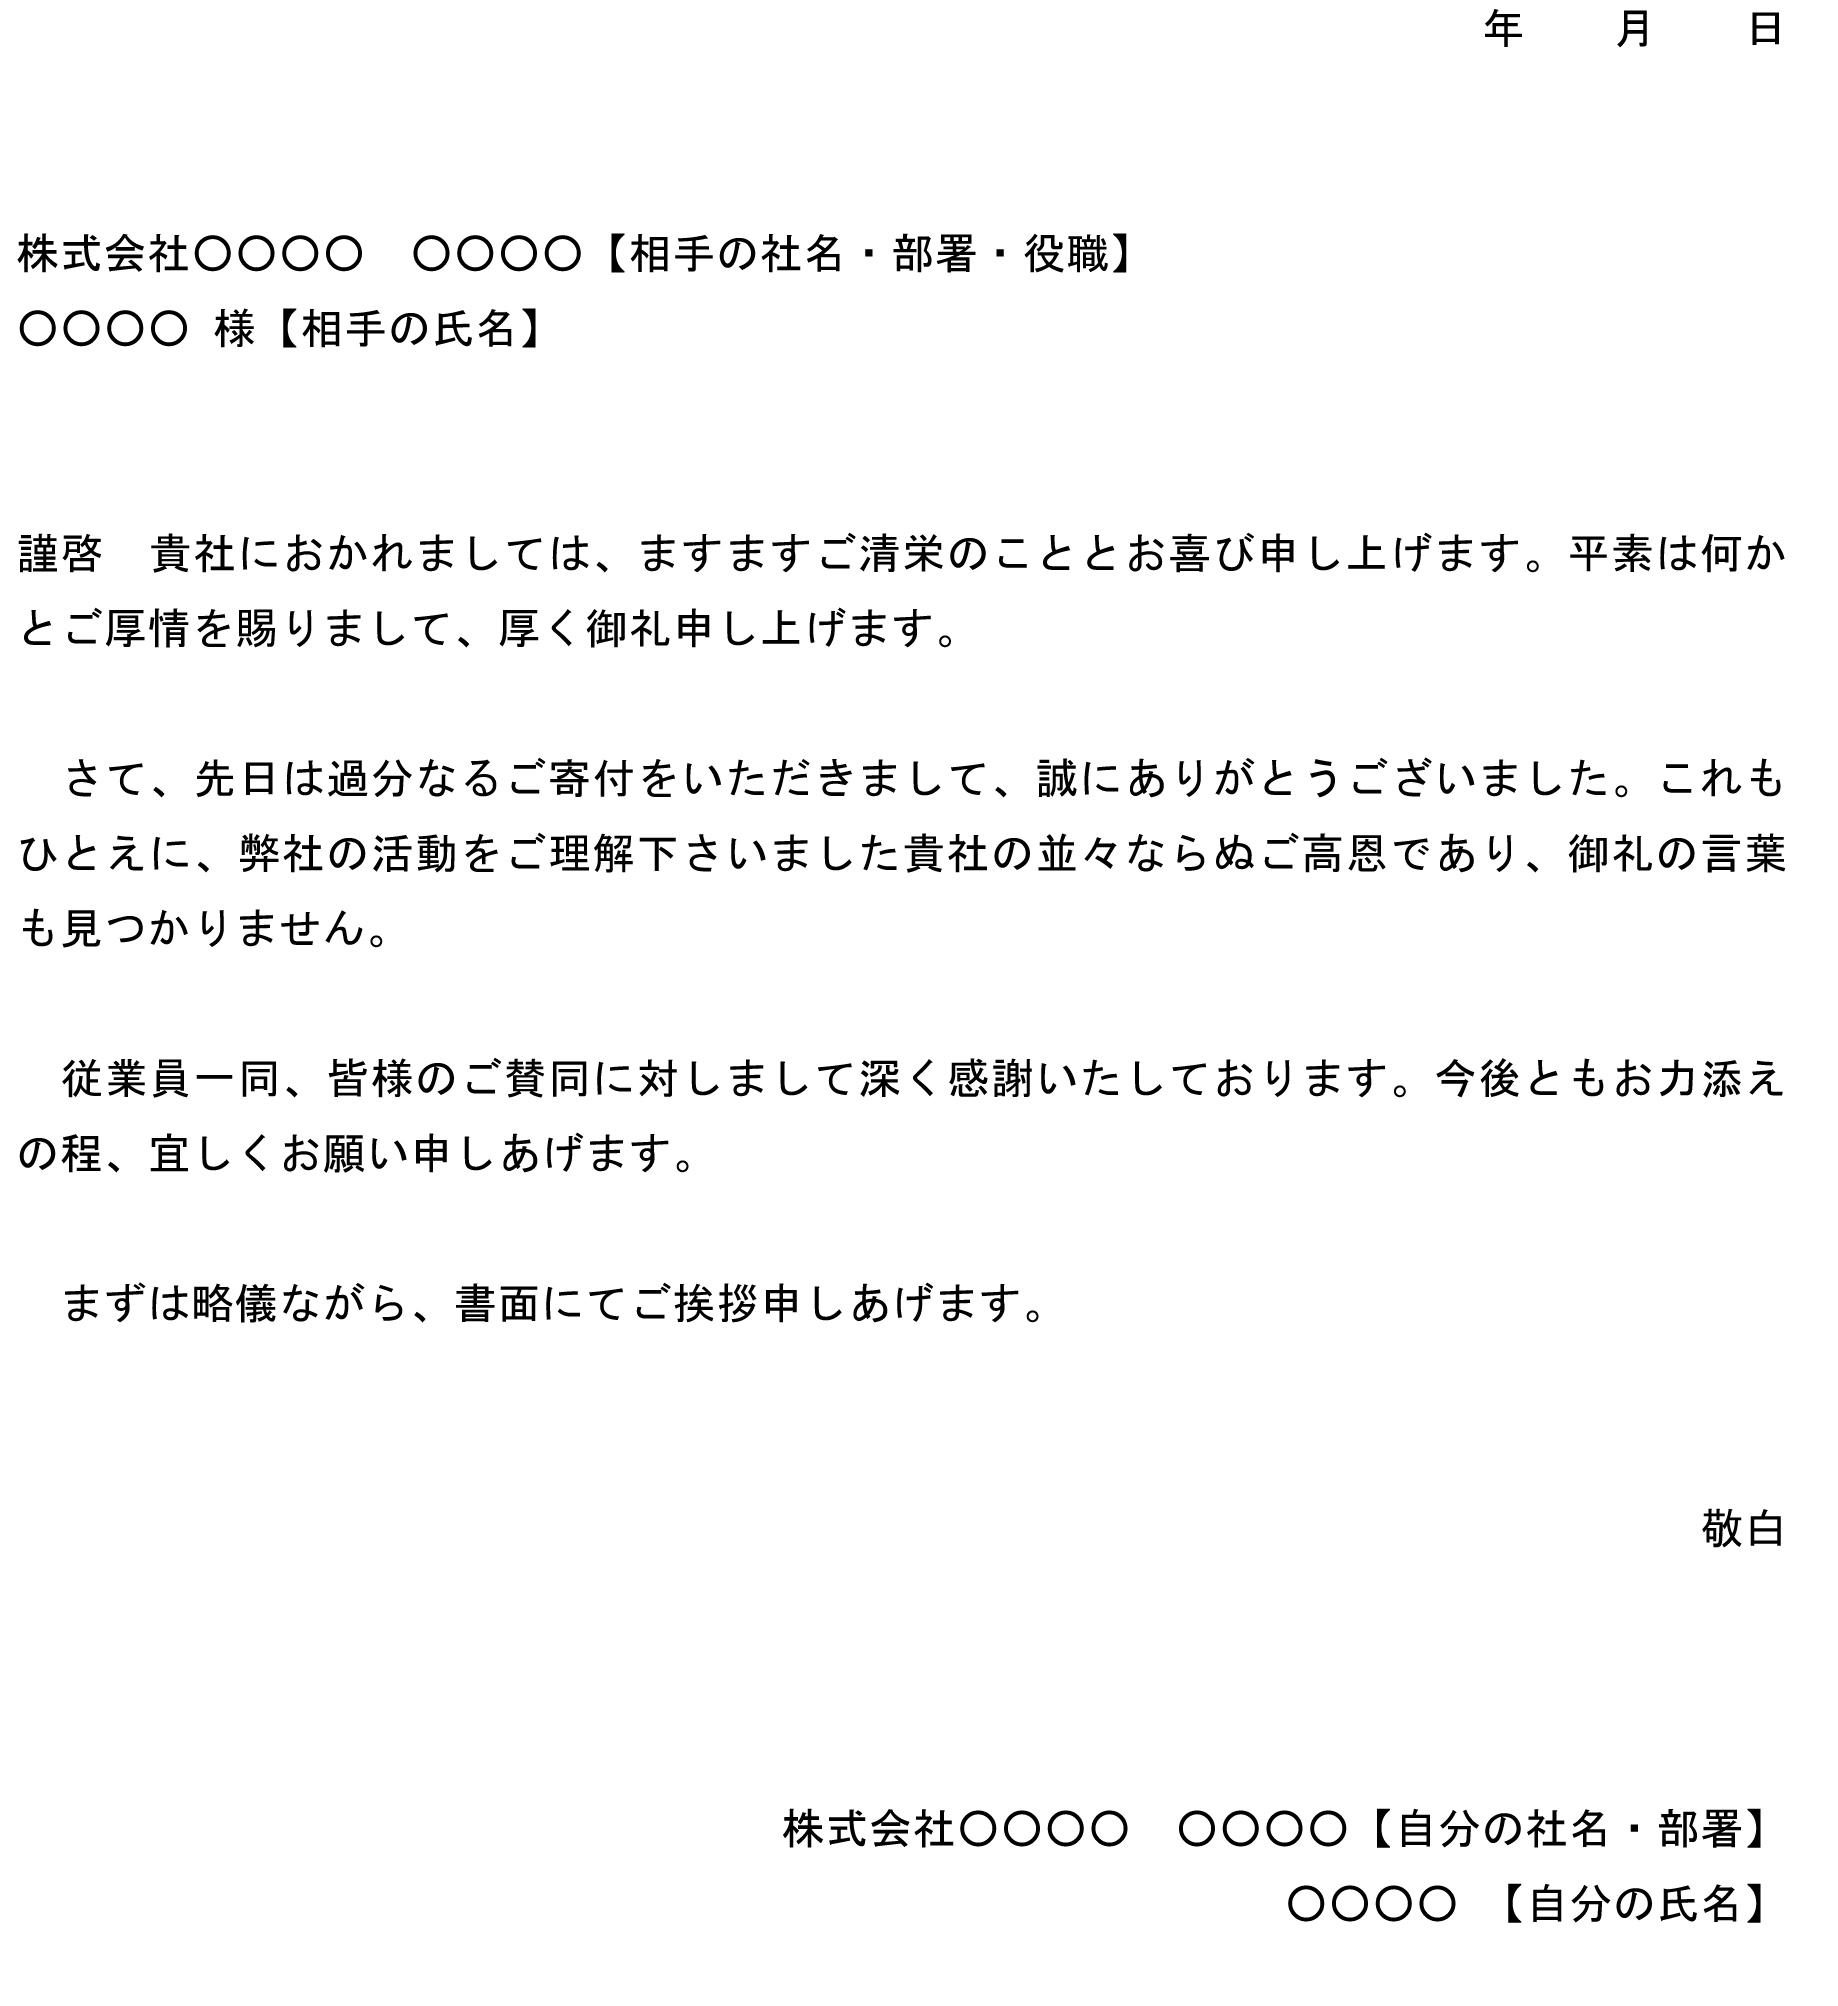 お礼状(会社への寄付)